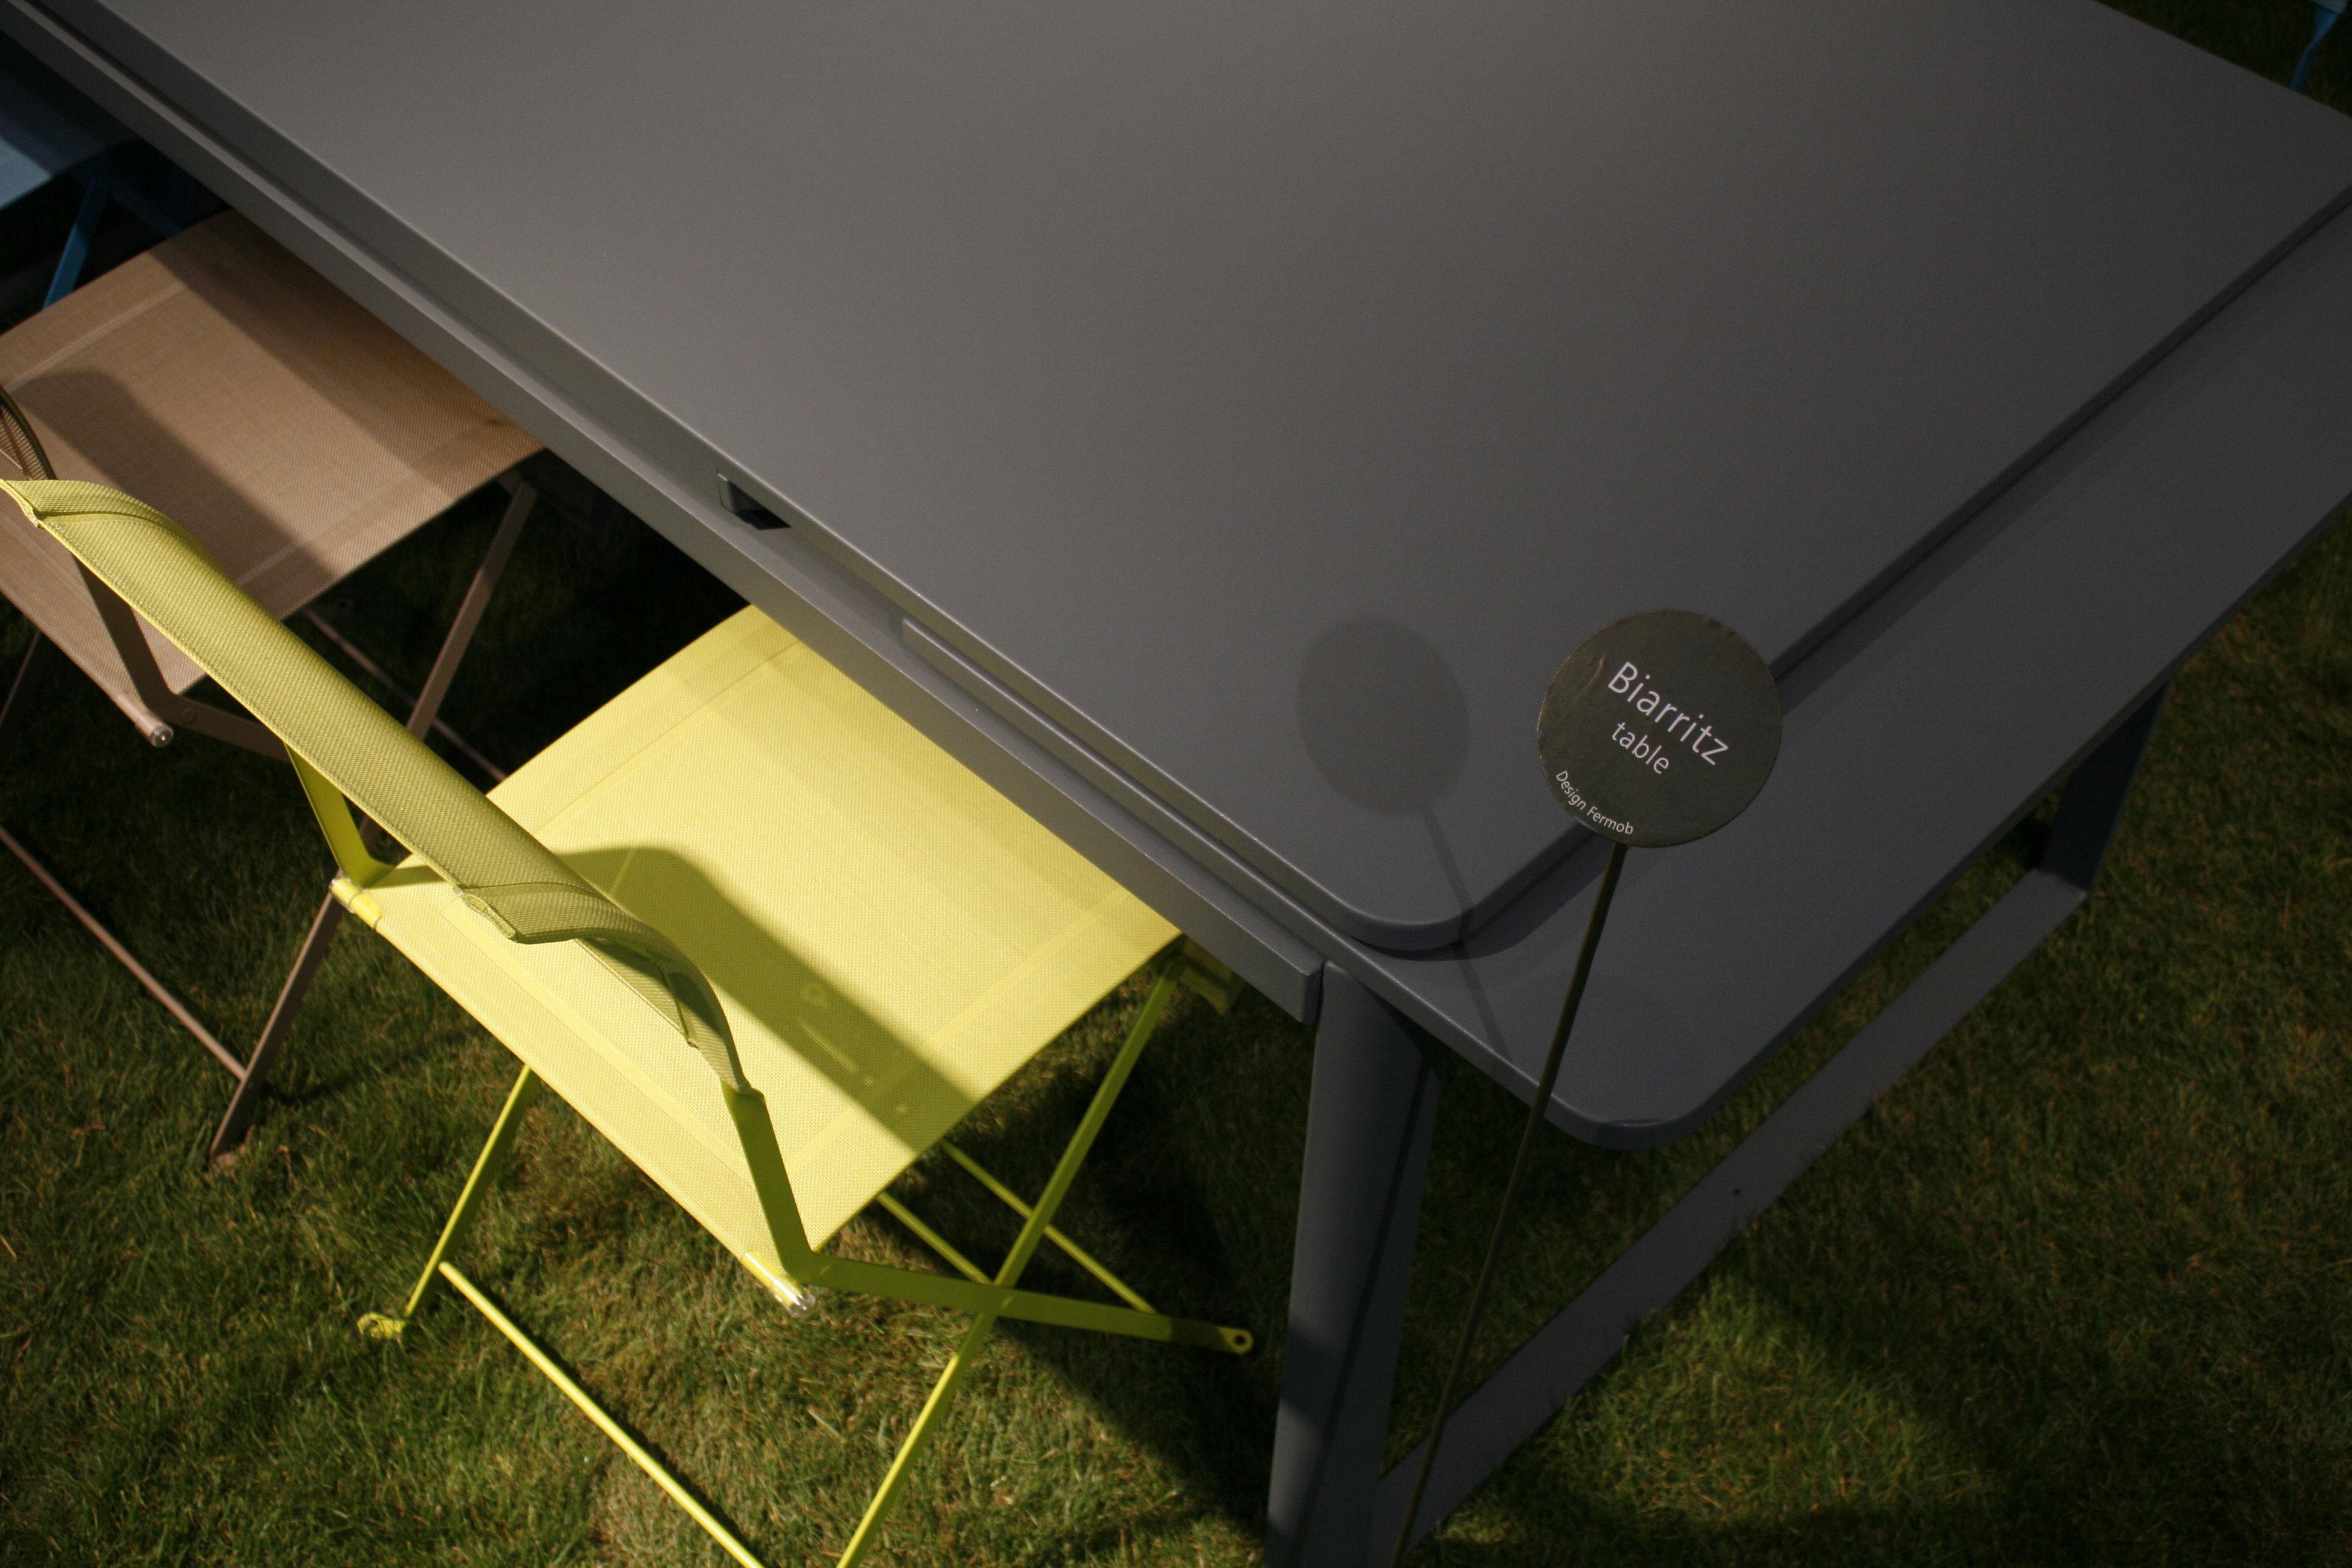 biarritz ausziehbar l 200 bis 300 cm fermob tisch. Black Bedroom Furniture Sets. Home Design Ideas